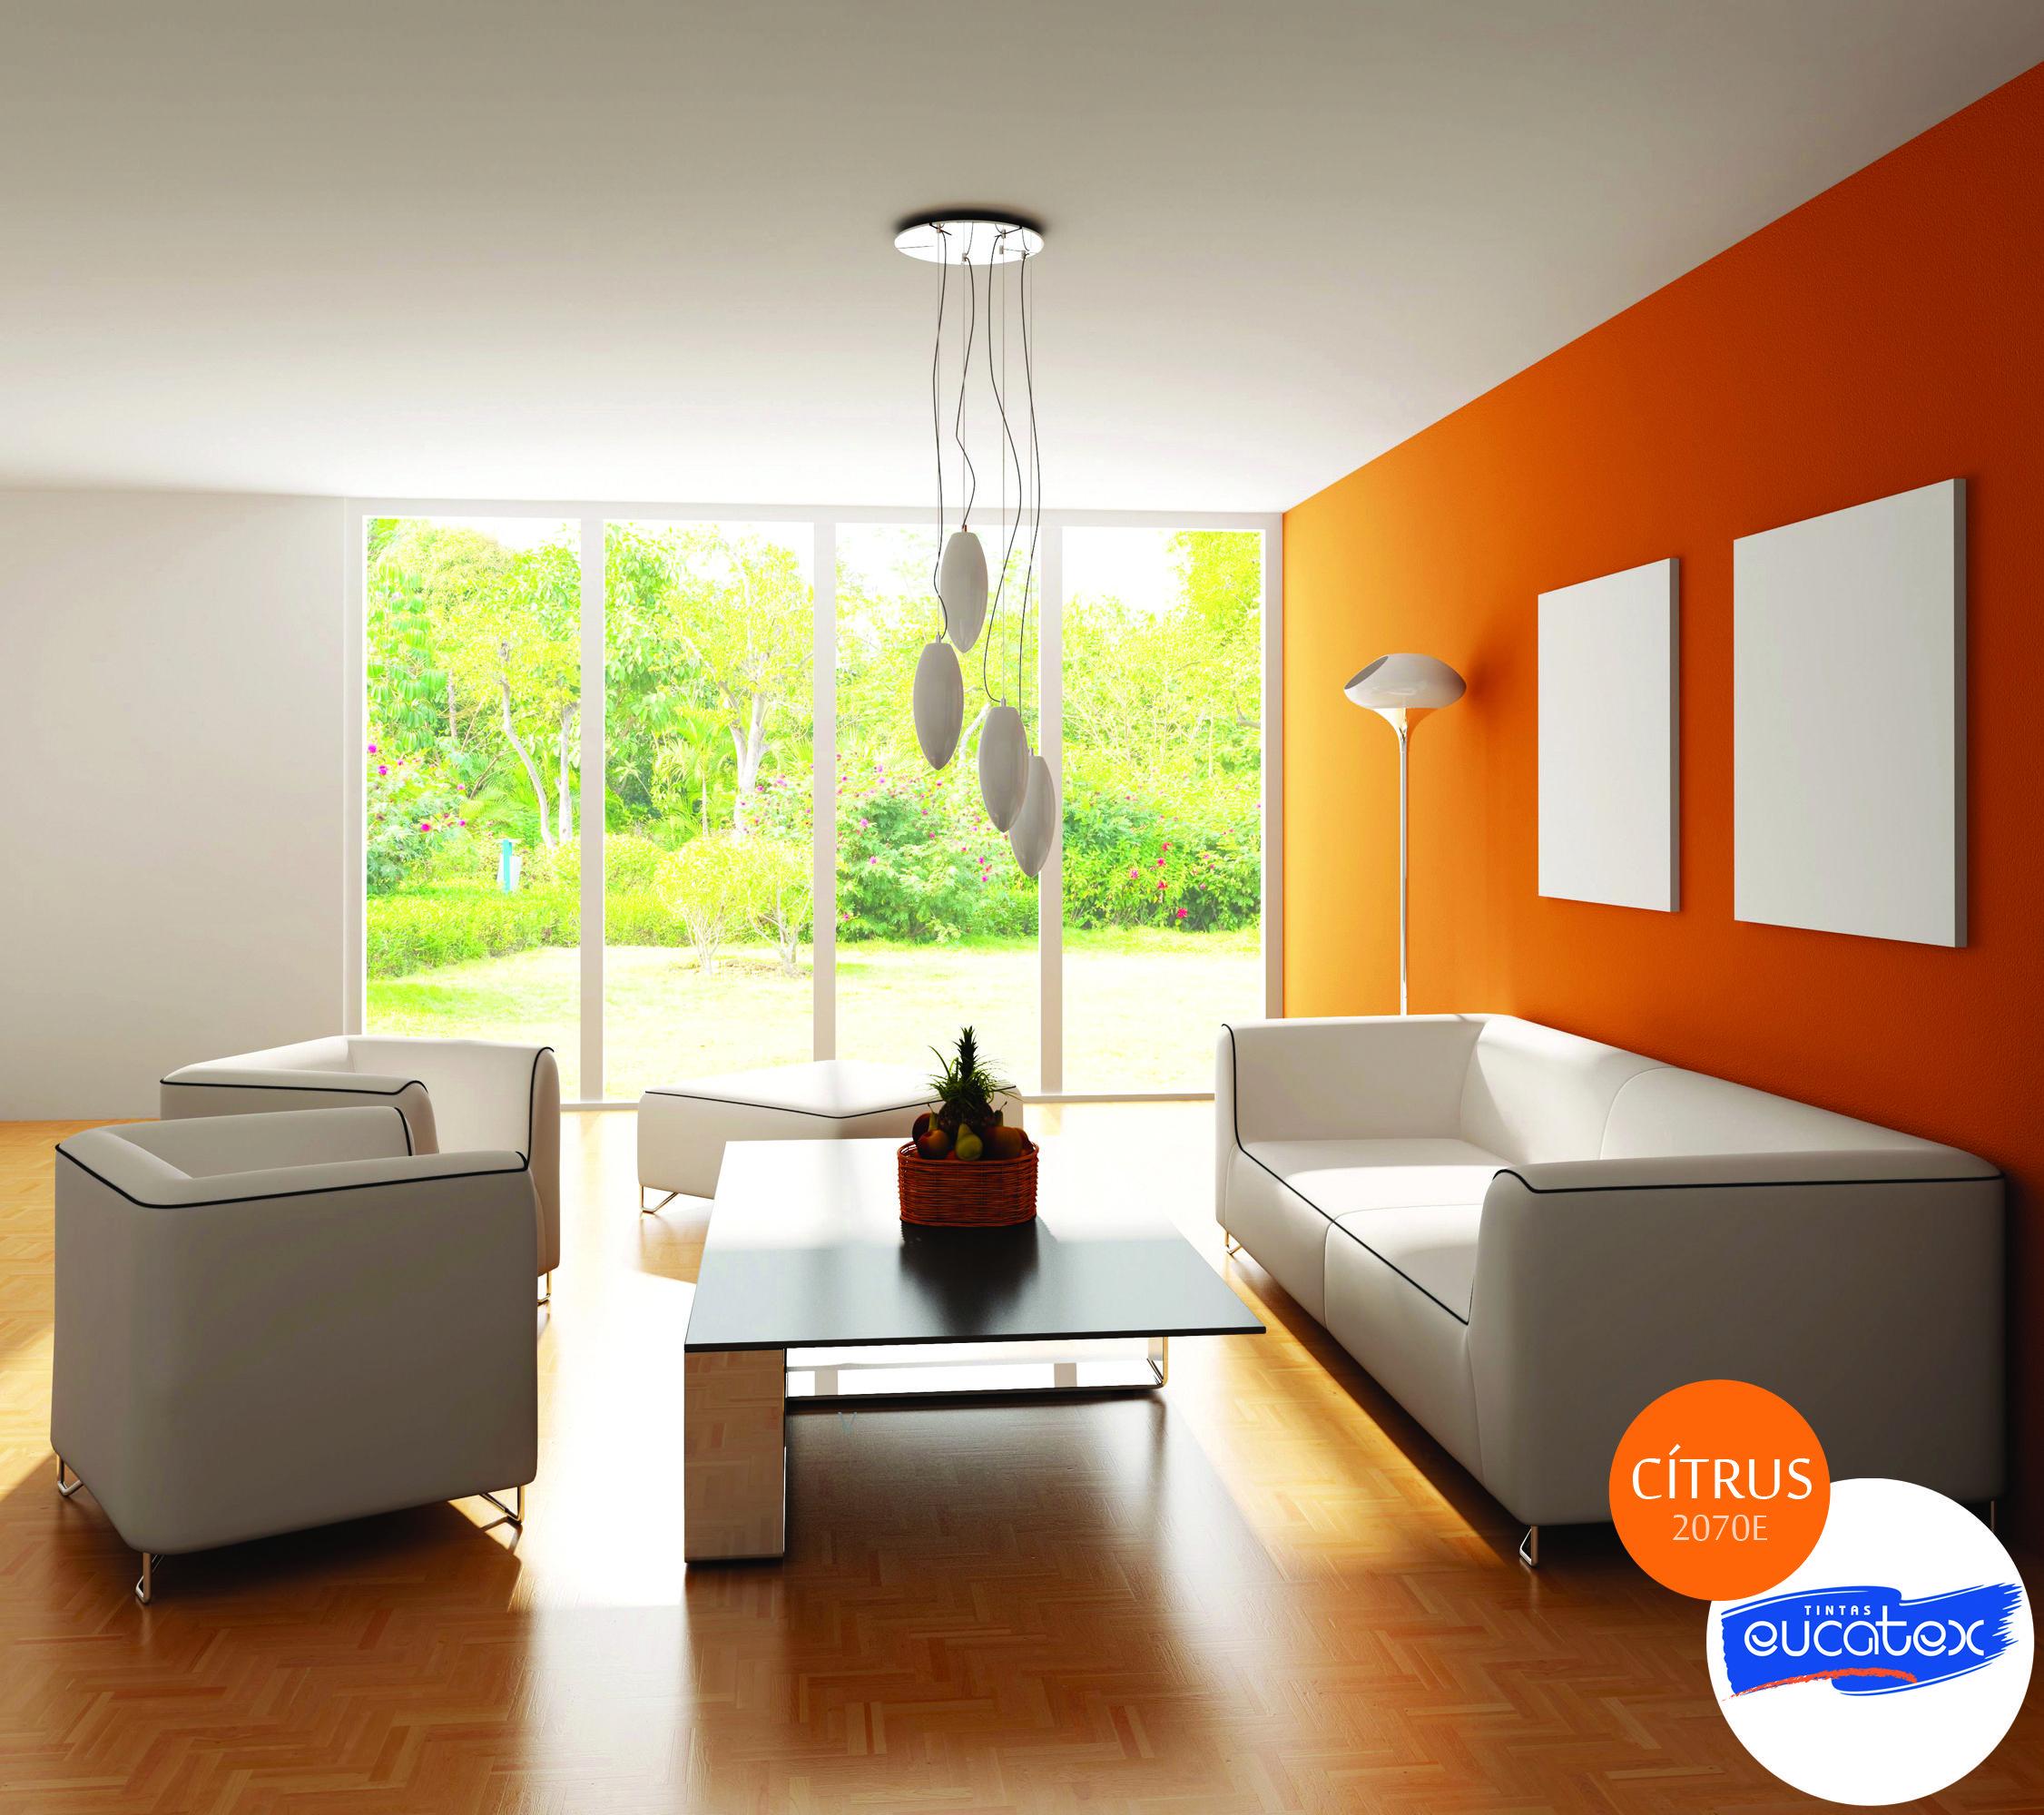 Inspiração de #decoração para #sala. Nome da #cor: Cítrus - Tintas Eucatex